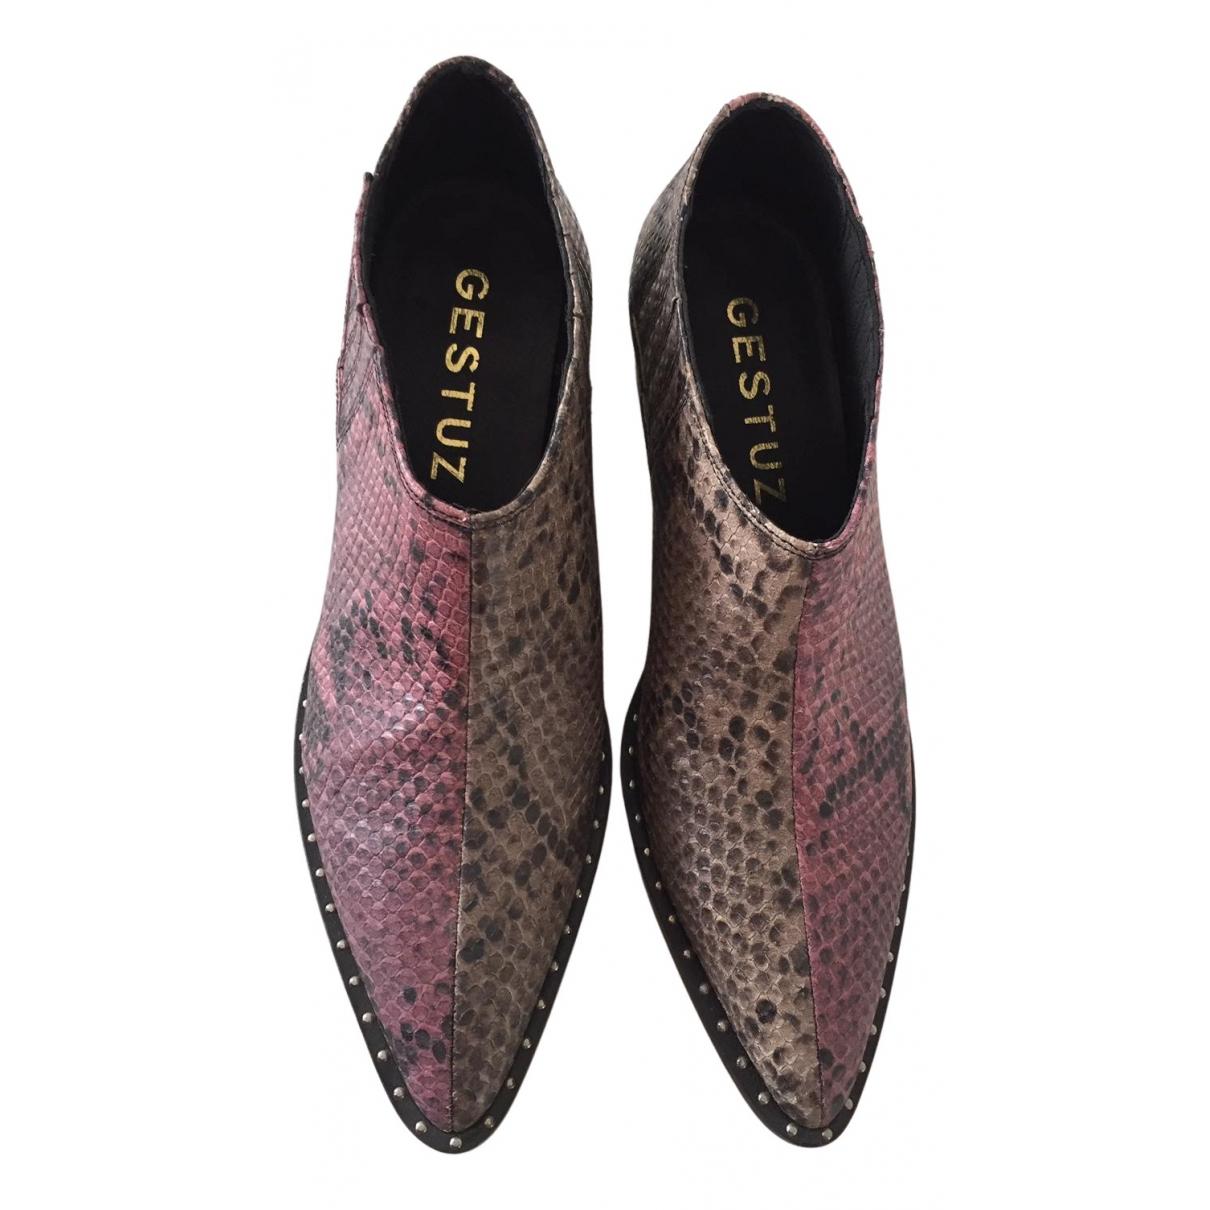 Gestuz - Boots   pour femme en cuir - beige